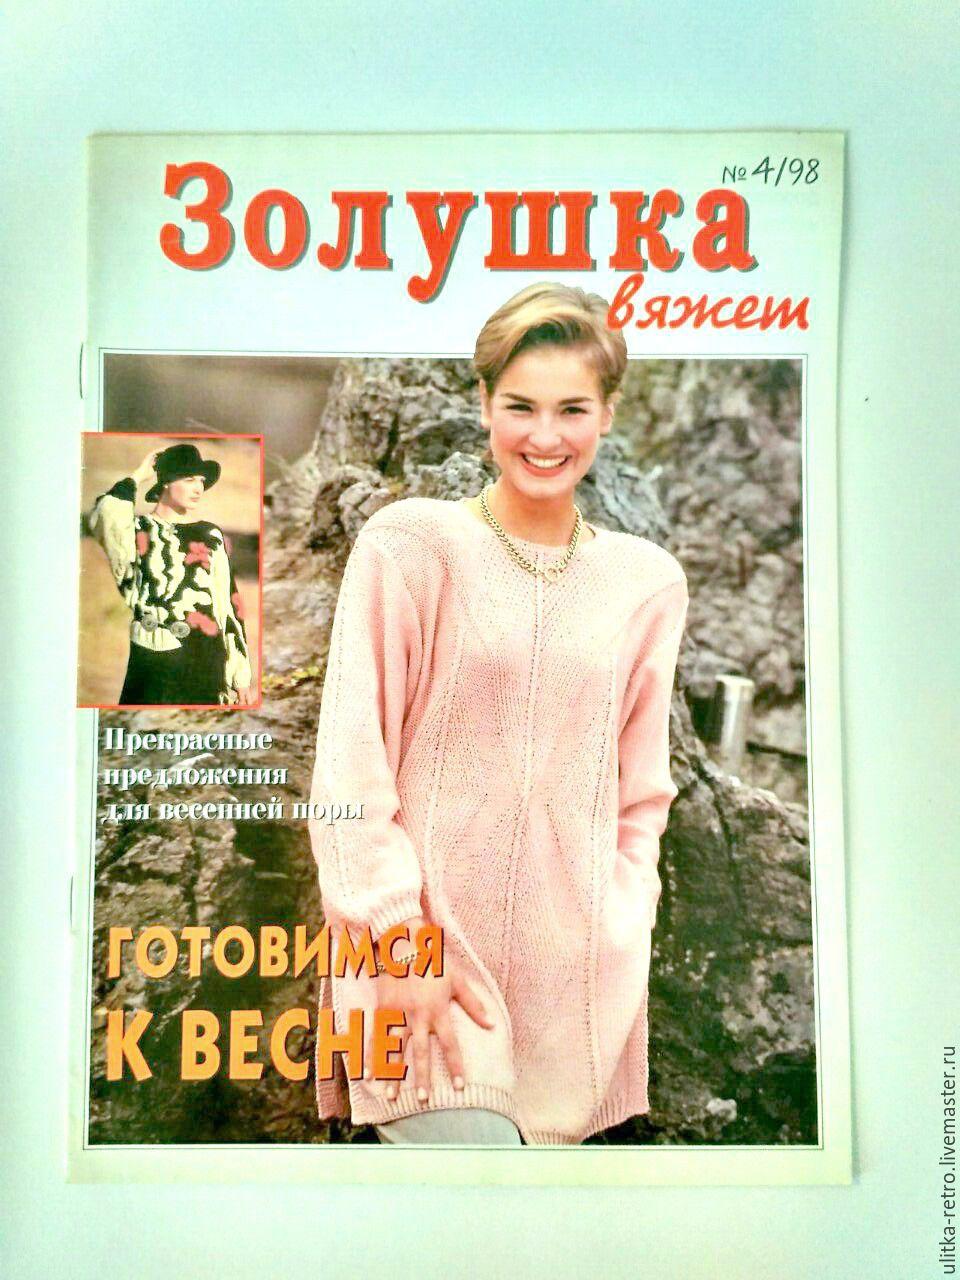 винтаж журнал золушка 498 год купить в интернет магазине на